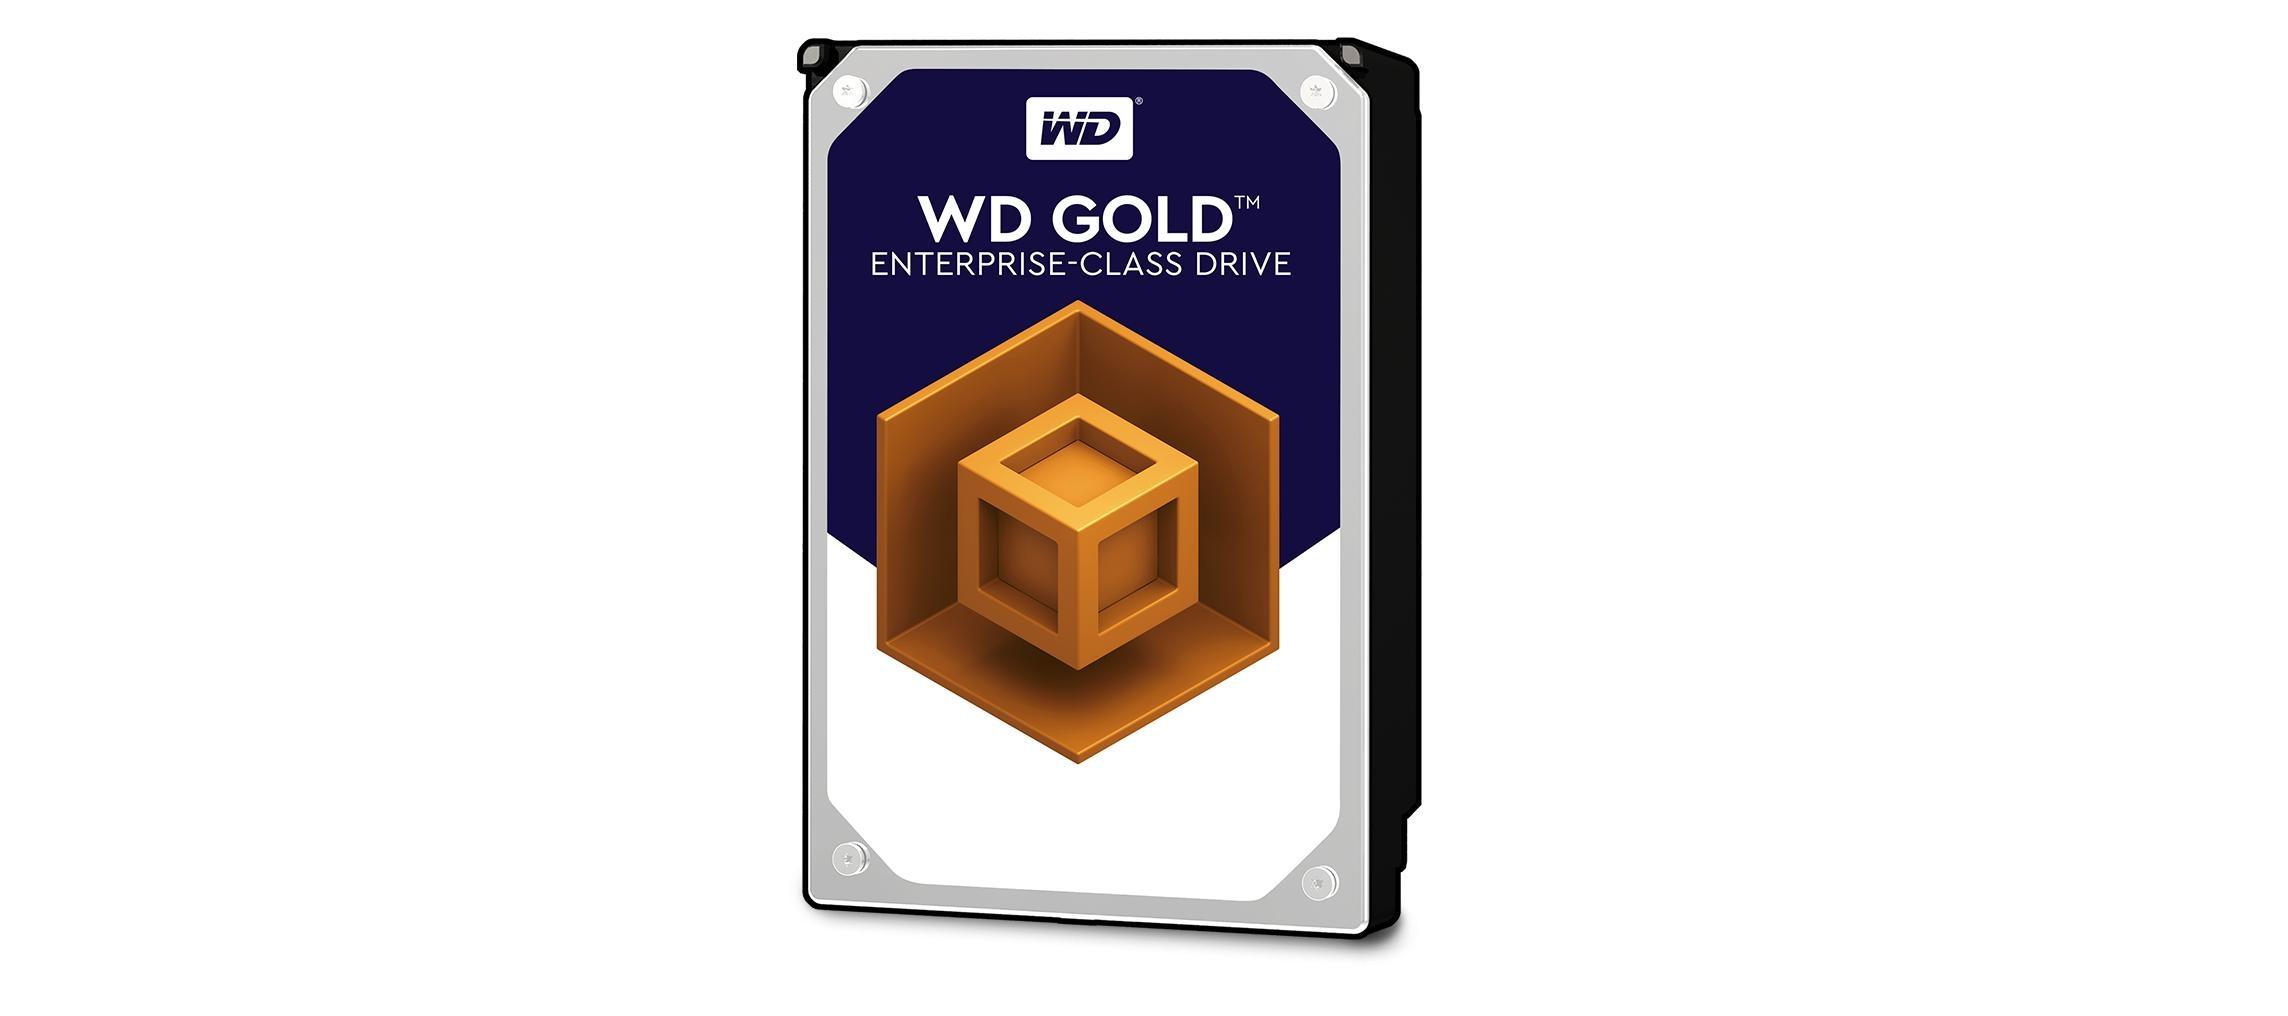 وسترن دیجیتال هارد دیسک 12 ترابایتی جدیدی از سری گلد معرفی کرد